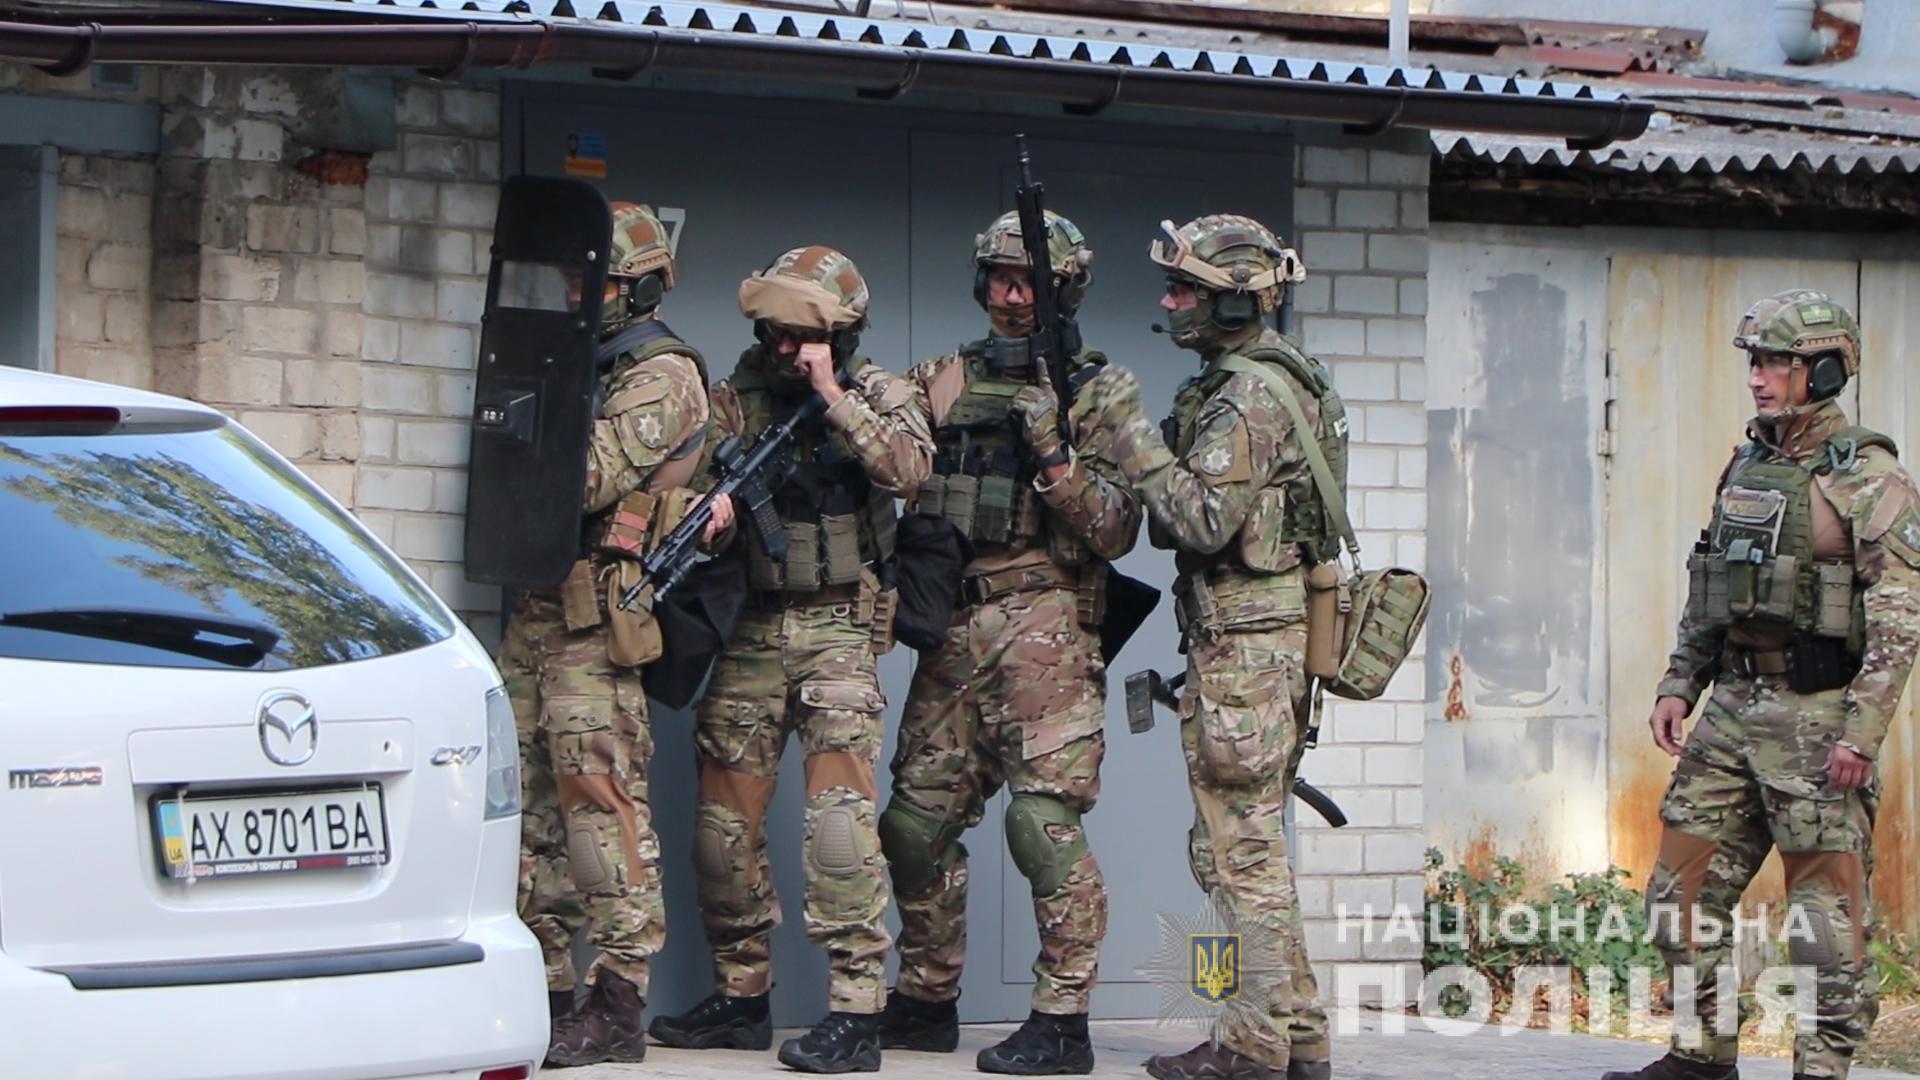 На просьбы полицейских открыть дверь гаража мужчина никак не реагировал.